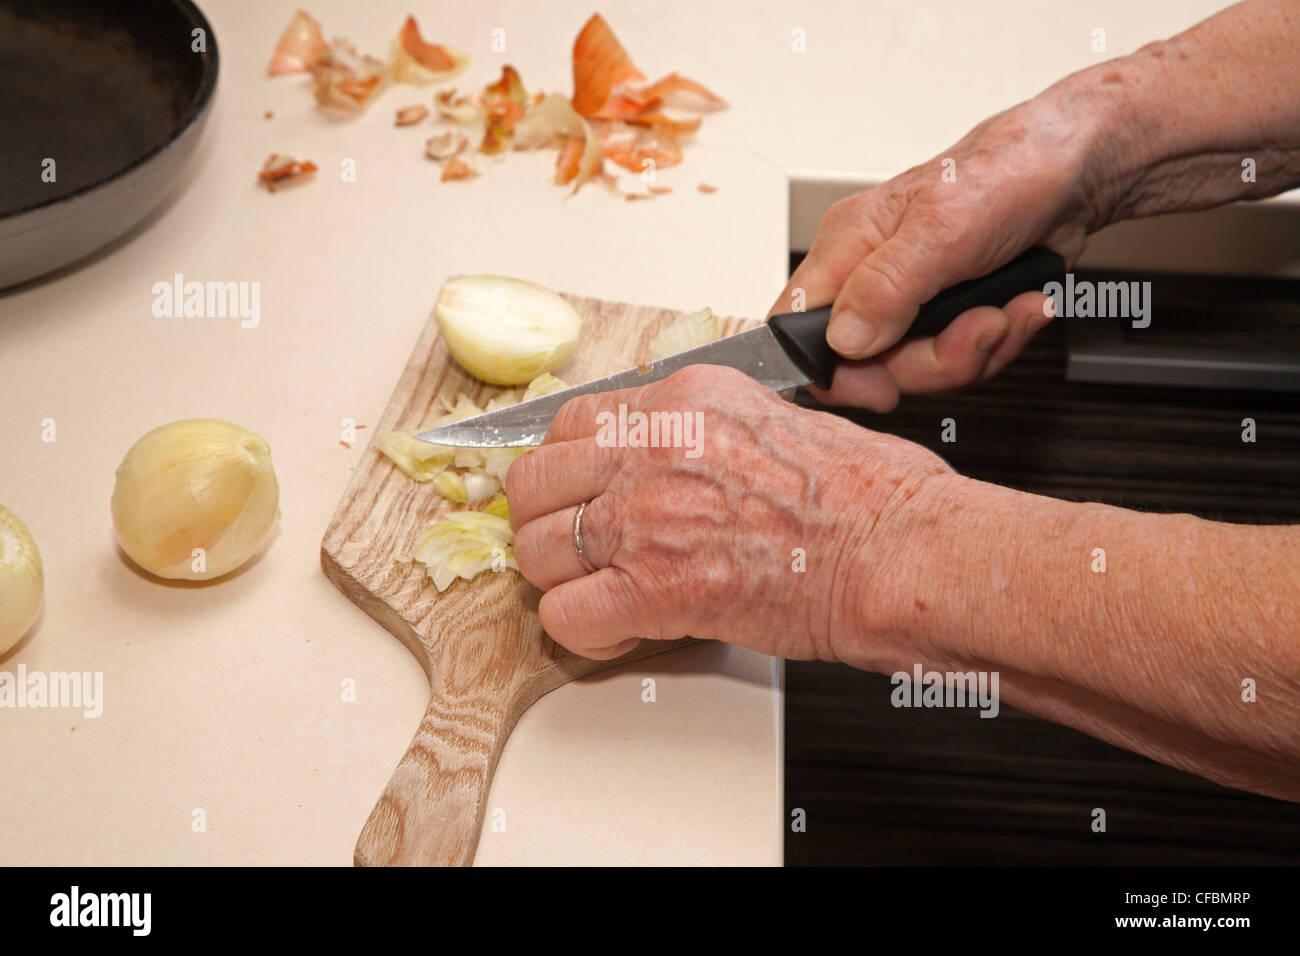 Händen der alte Frau beim Schneiden der Zwiebel Stockbild